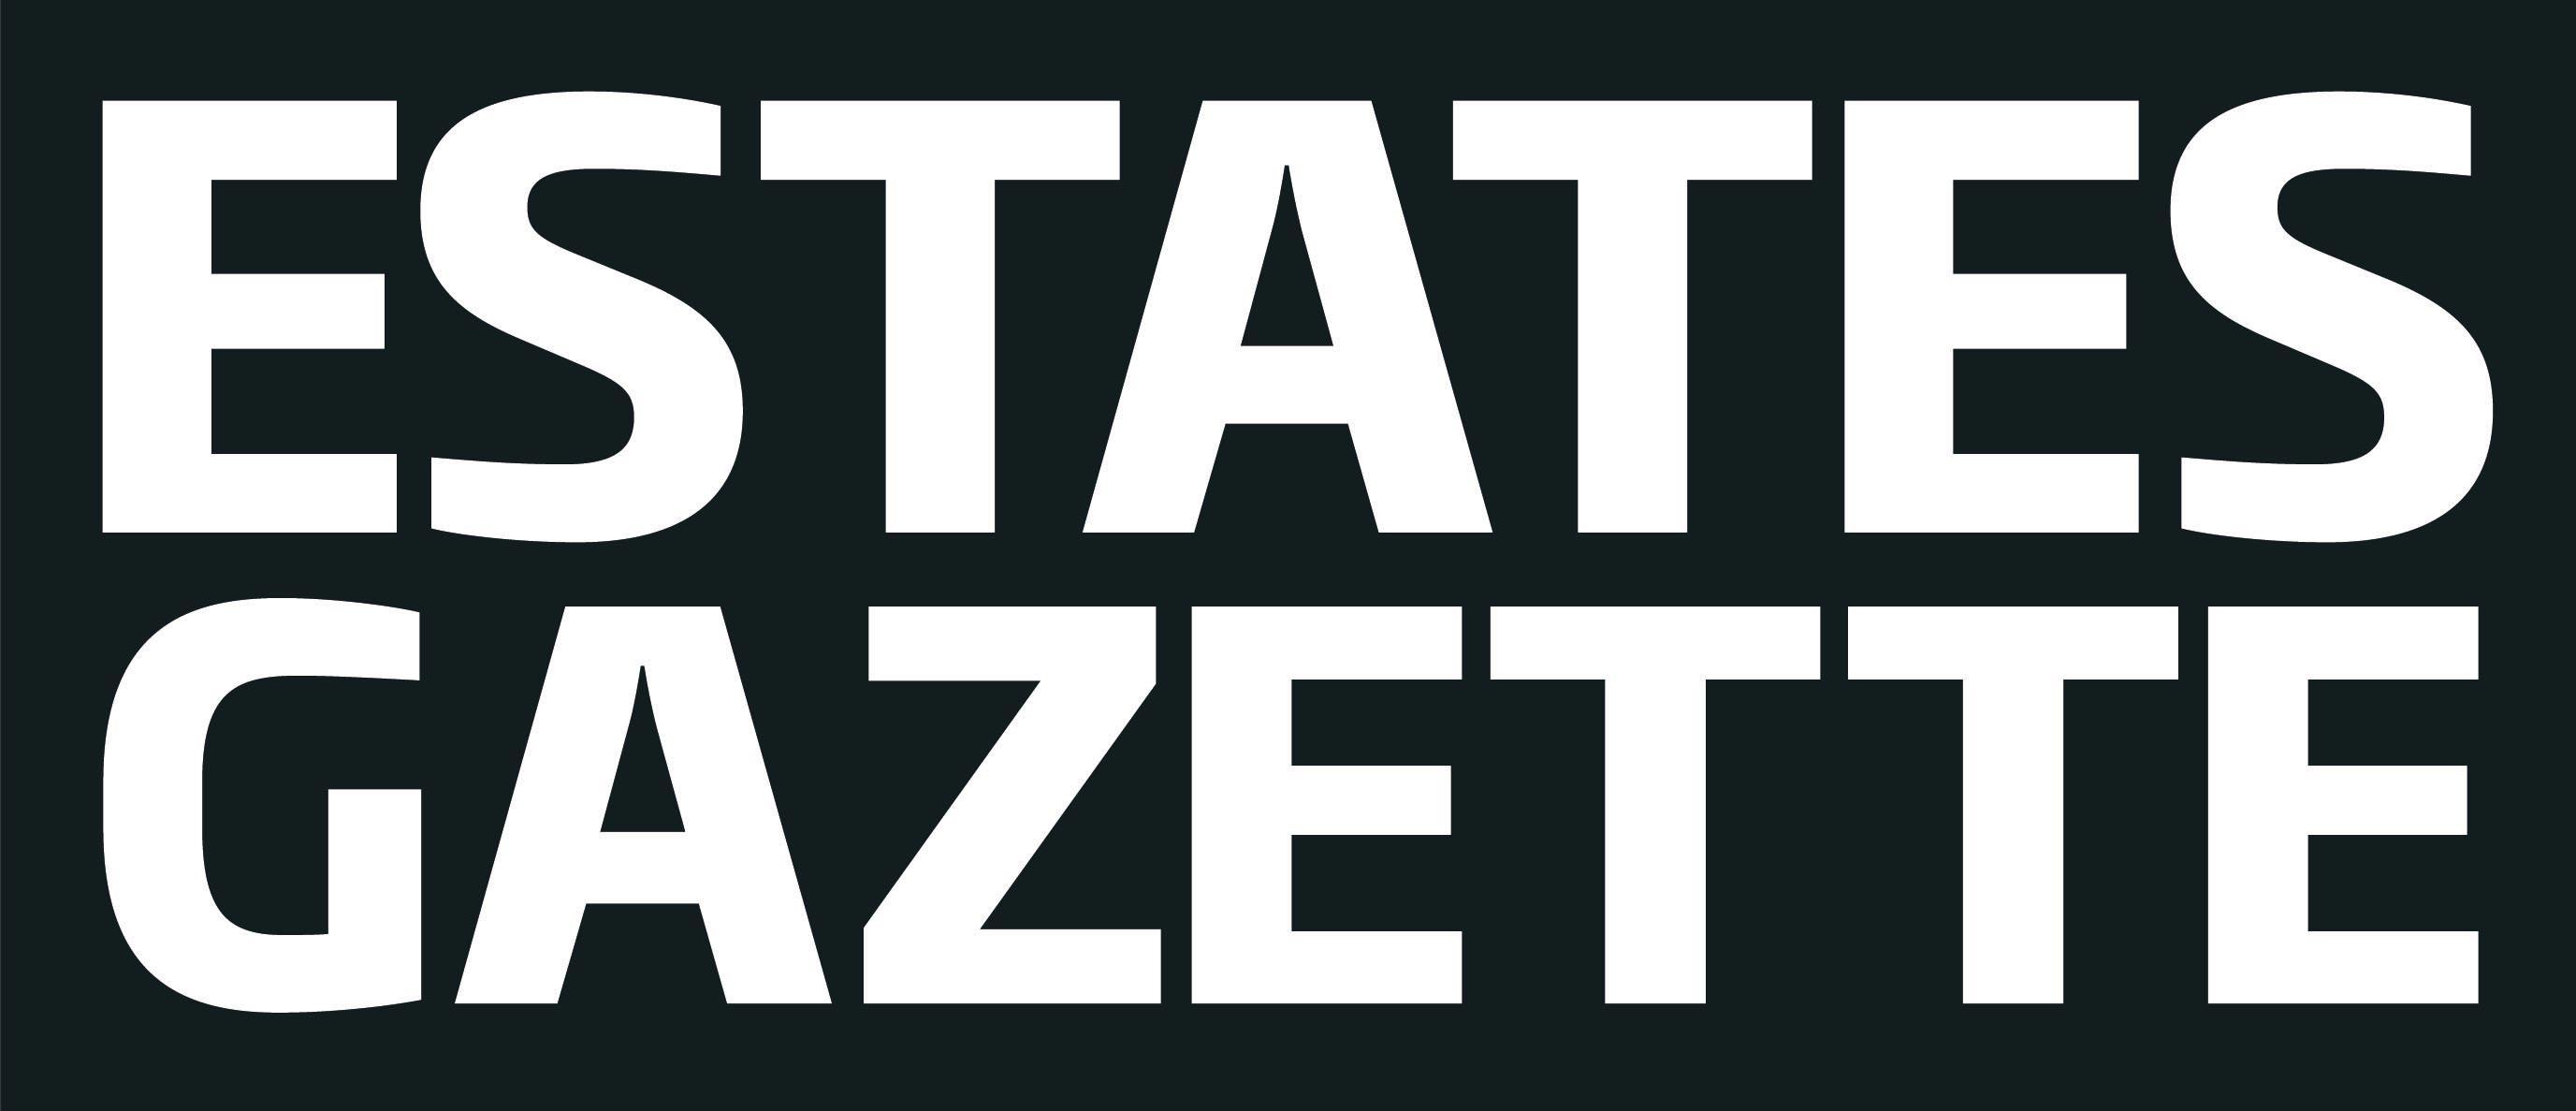 www.estatesgazette.com